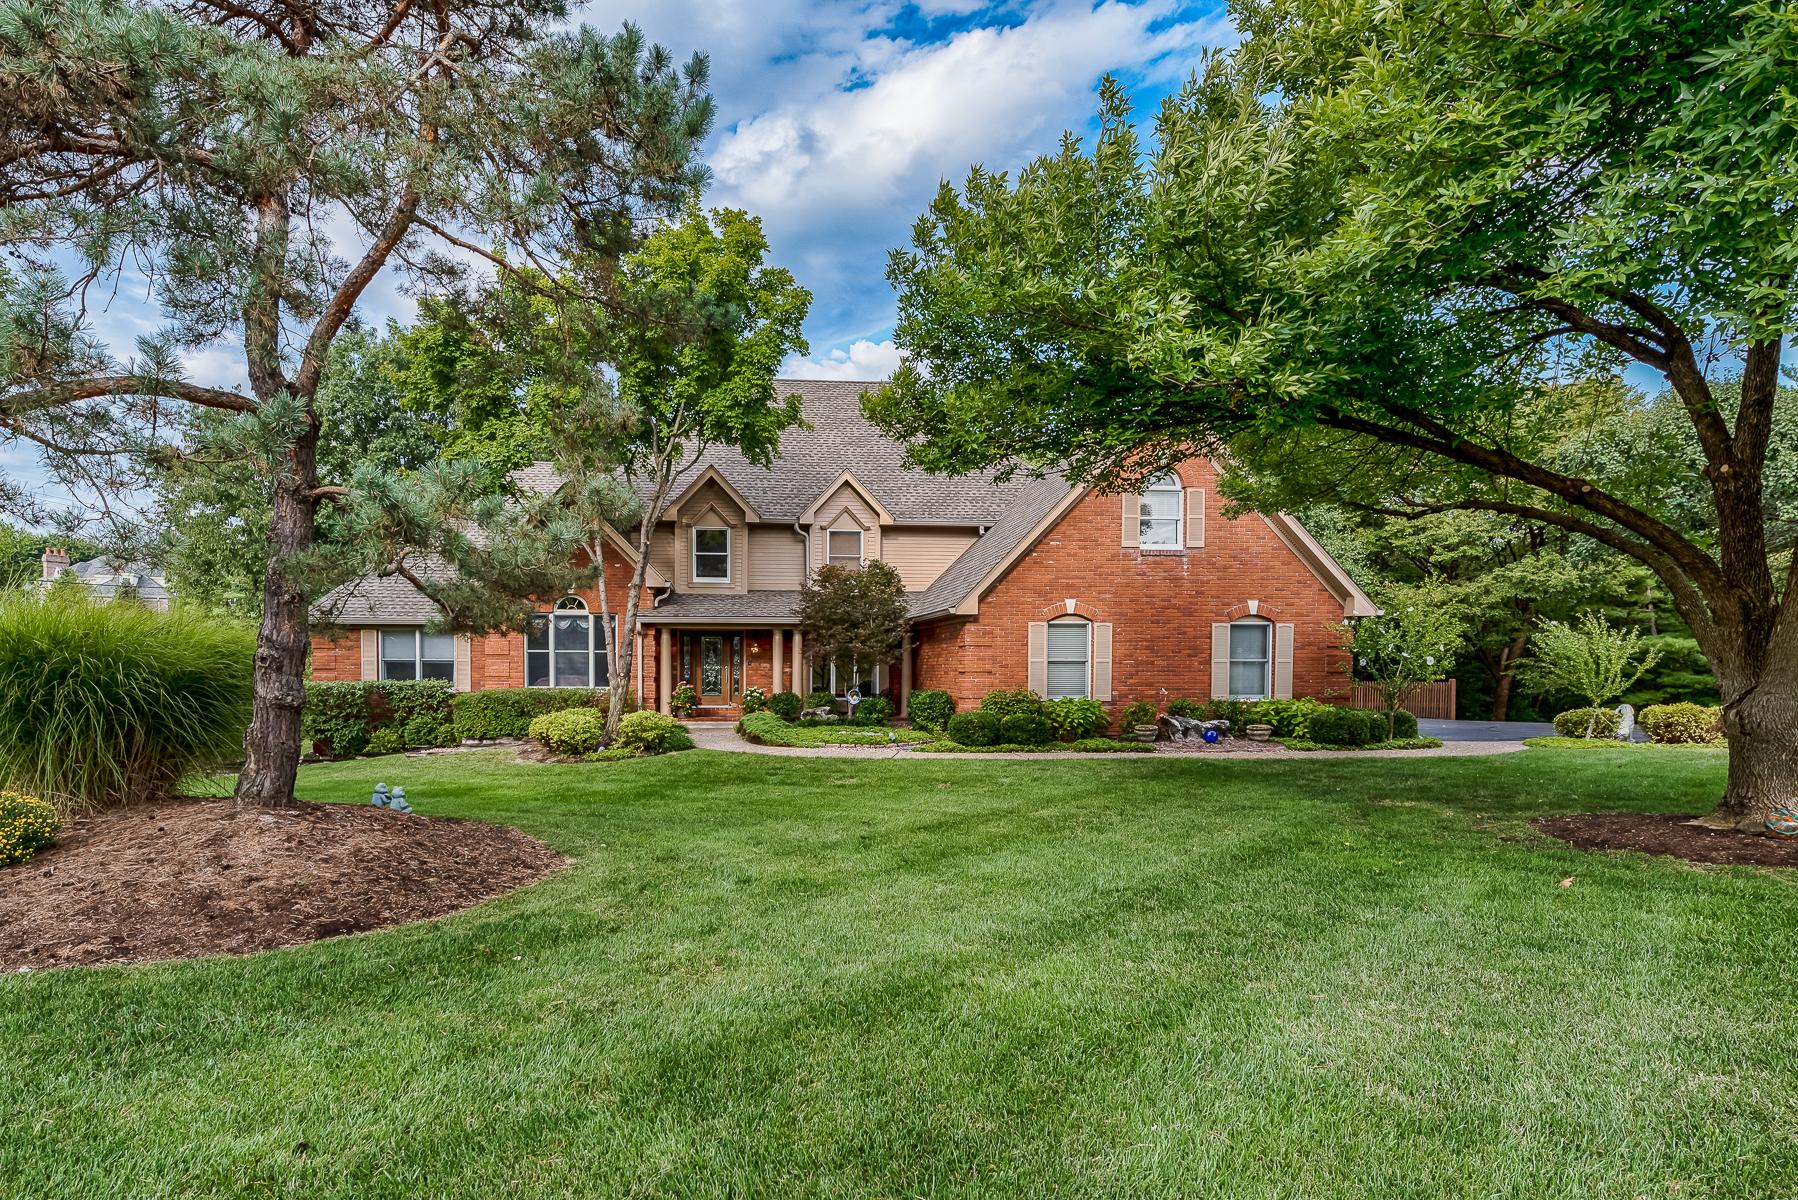 Casa para uma família para Venda às Exquisite Town & Country Treasure on Full Acre 2401 Wexford Woods Ct Town And Country, Missouri, 63131 Estados Unidos